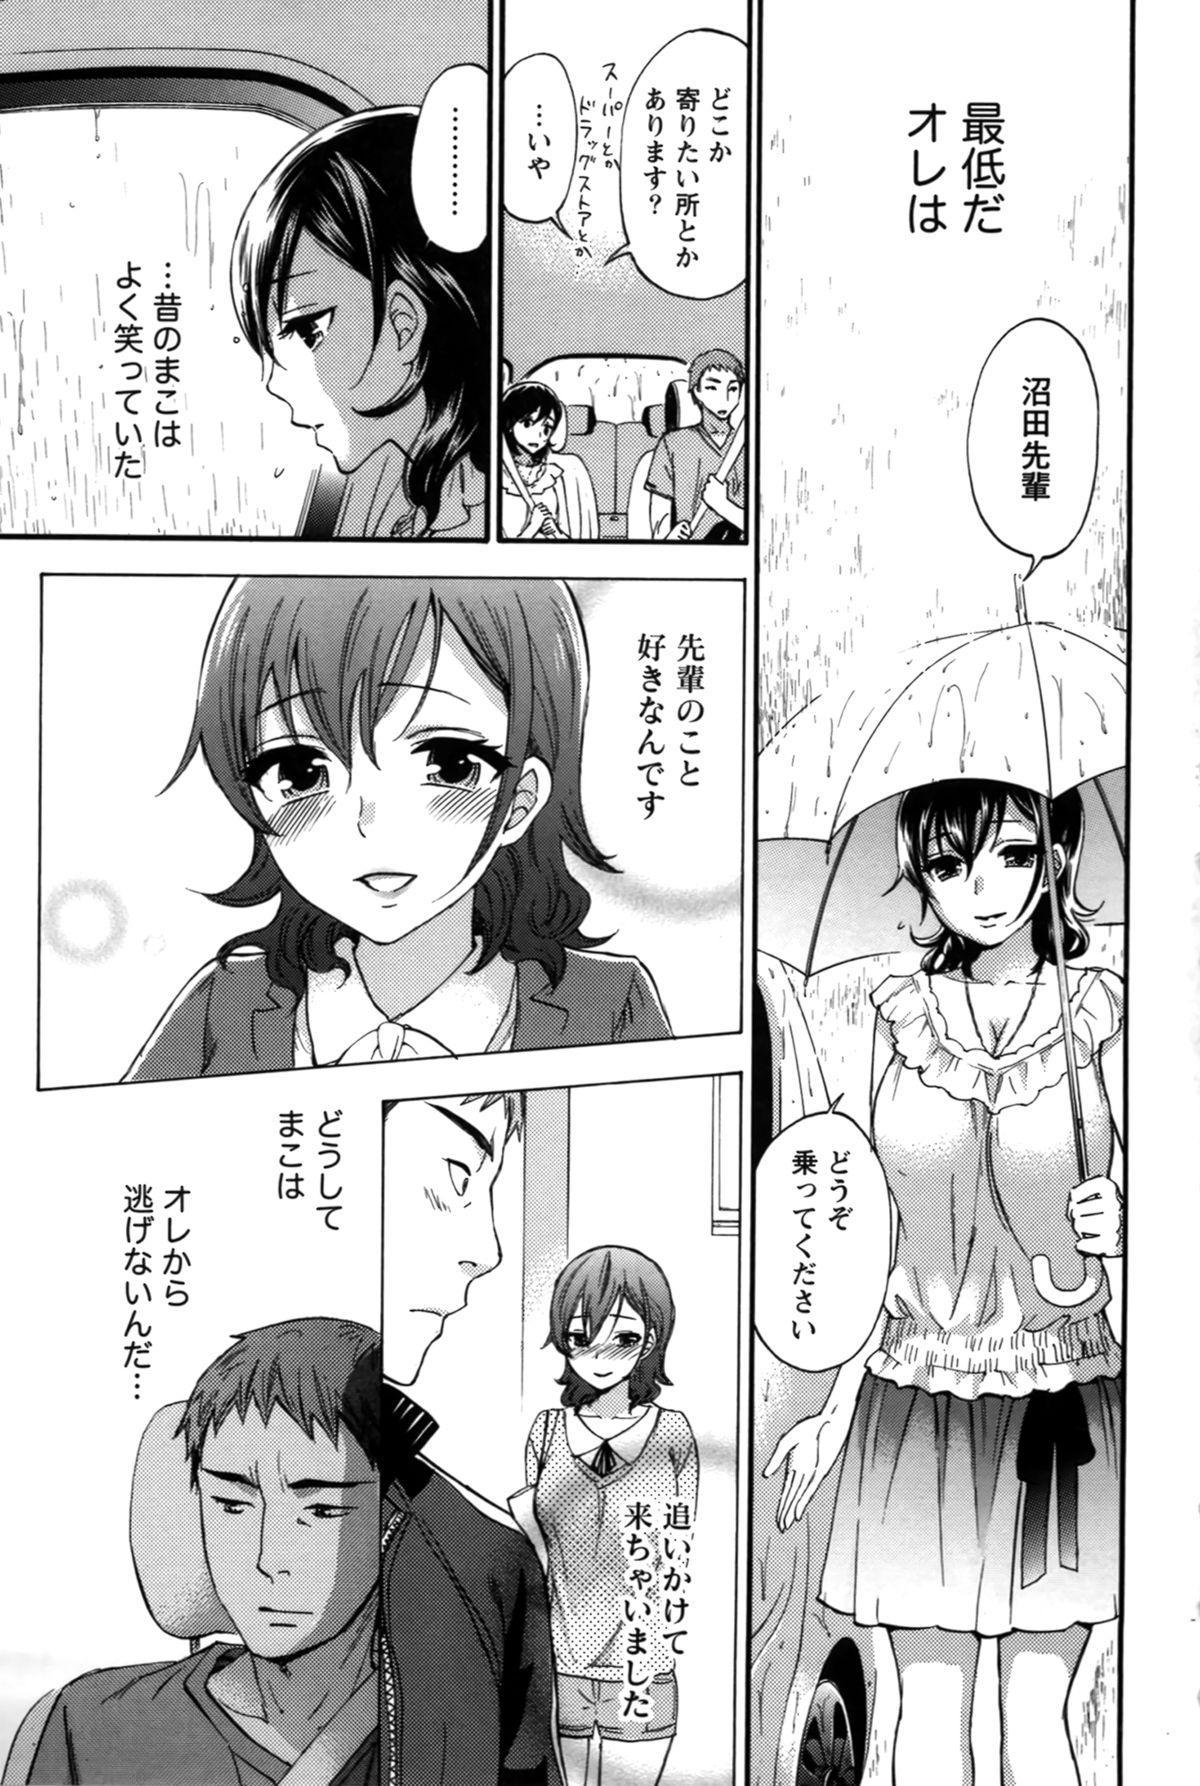 Anata to Watashi wa Warukunai 52